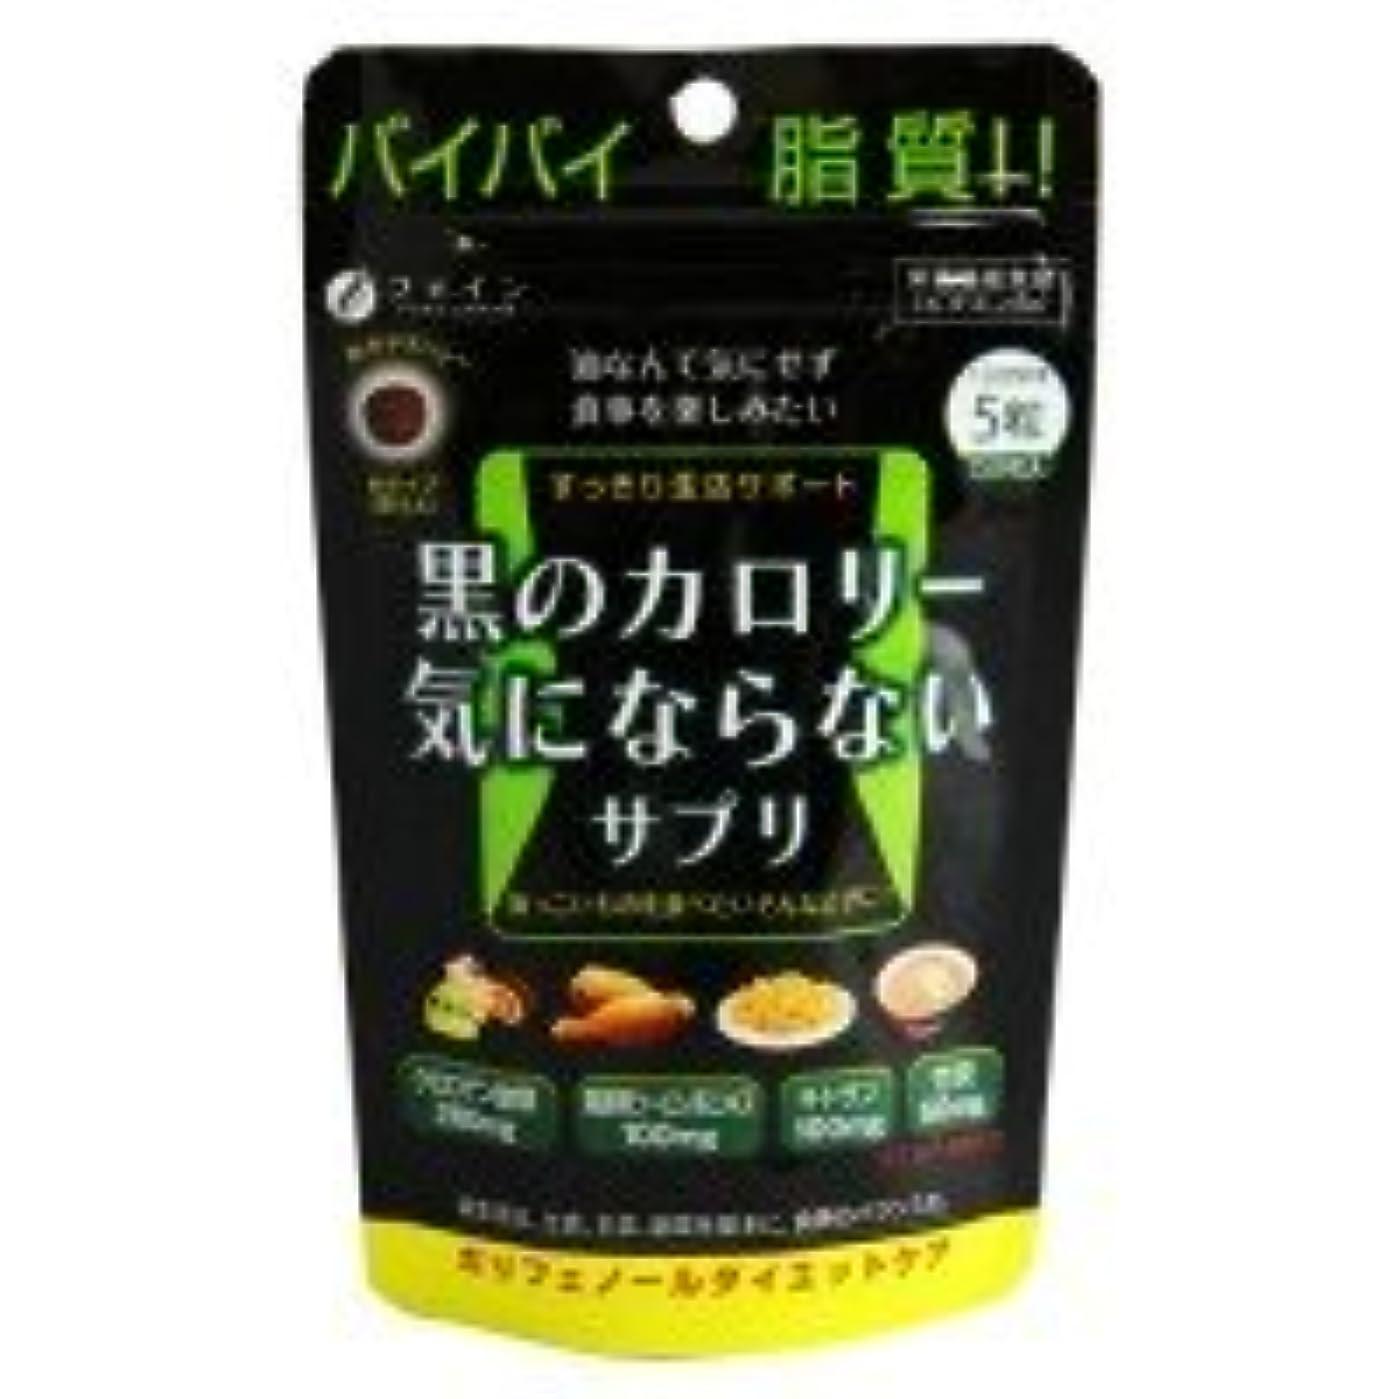 データわなラジカルファイン 黒のカロリー気にならない 栄養機能食品(ビタミンB6) 30g(200mg×150粒)